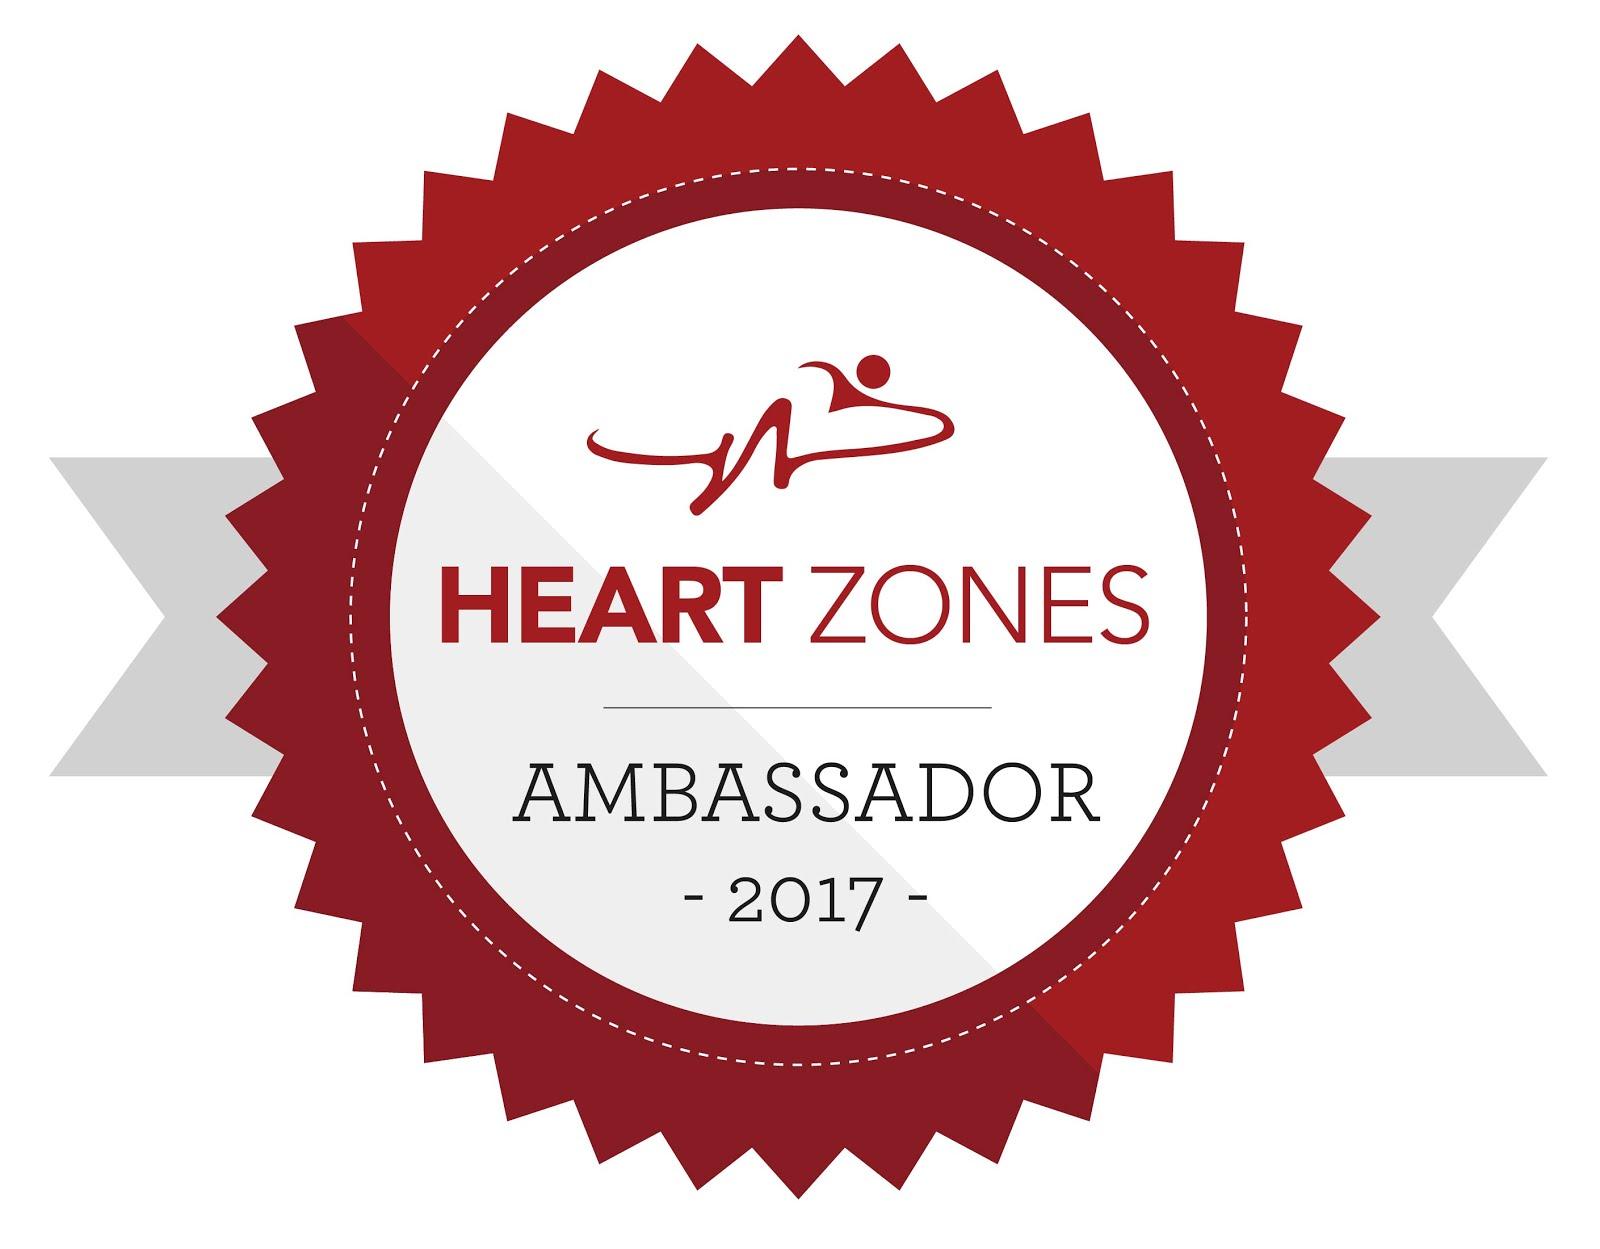 Heart Zones